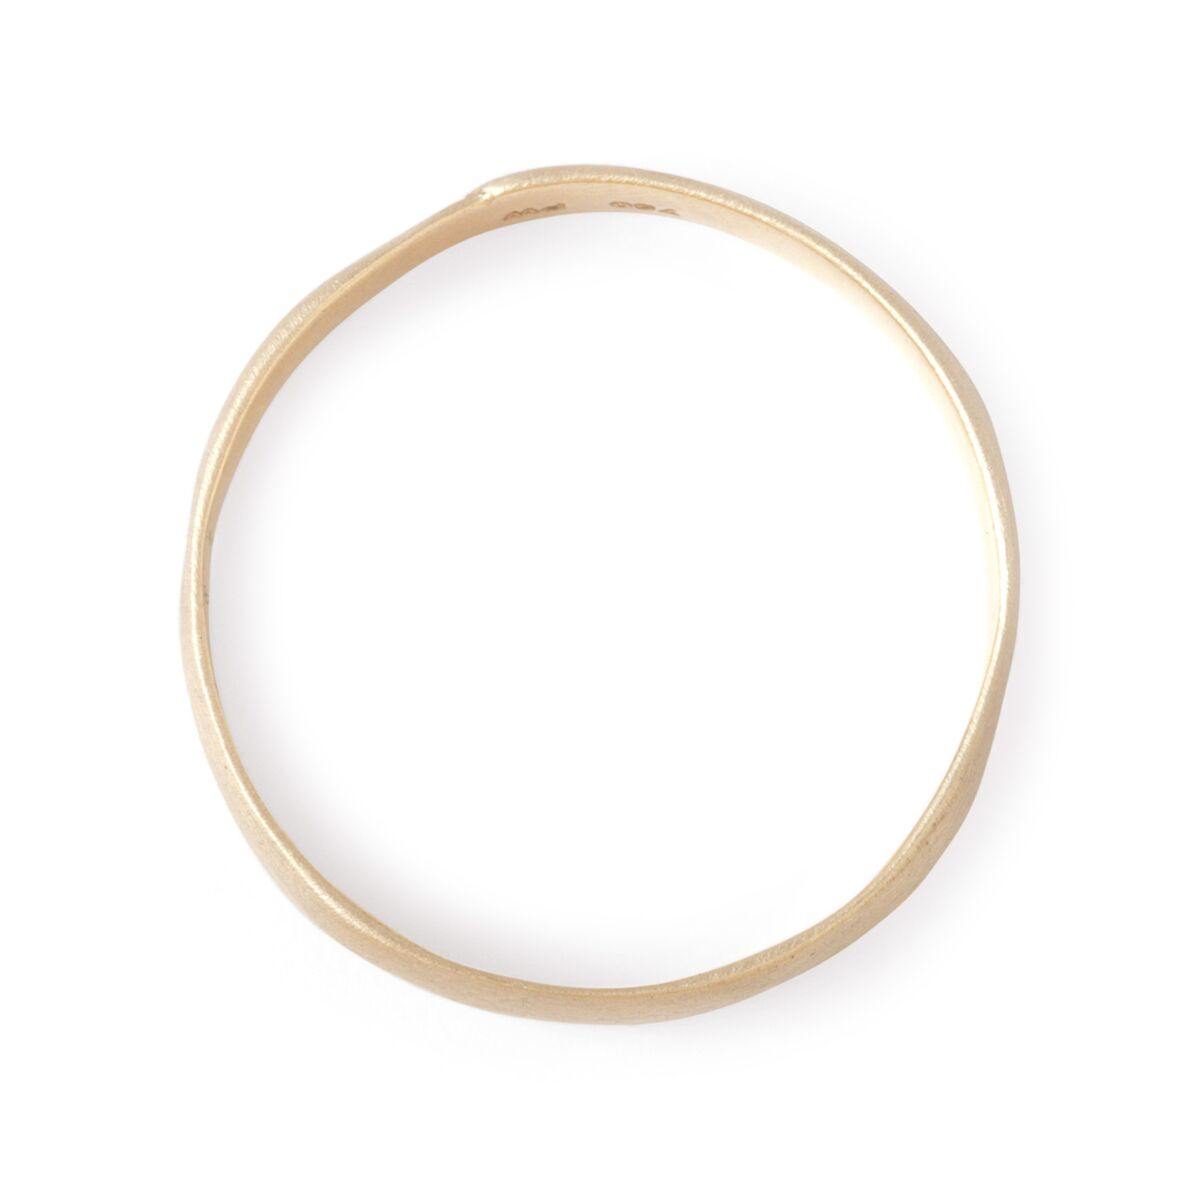 Pinched Band, Narrow image